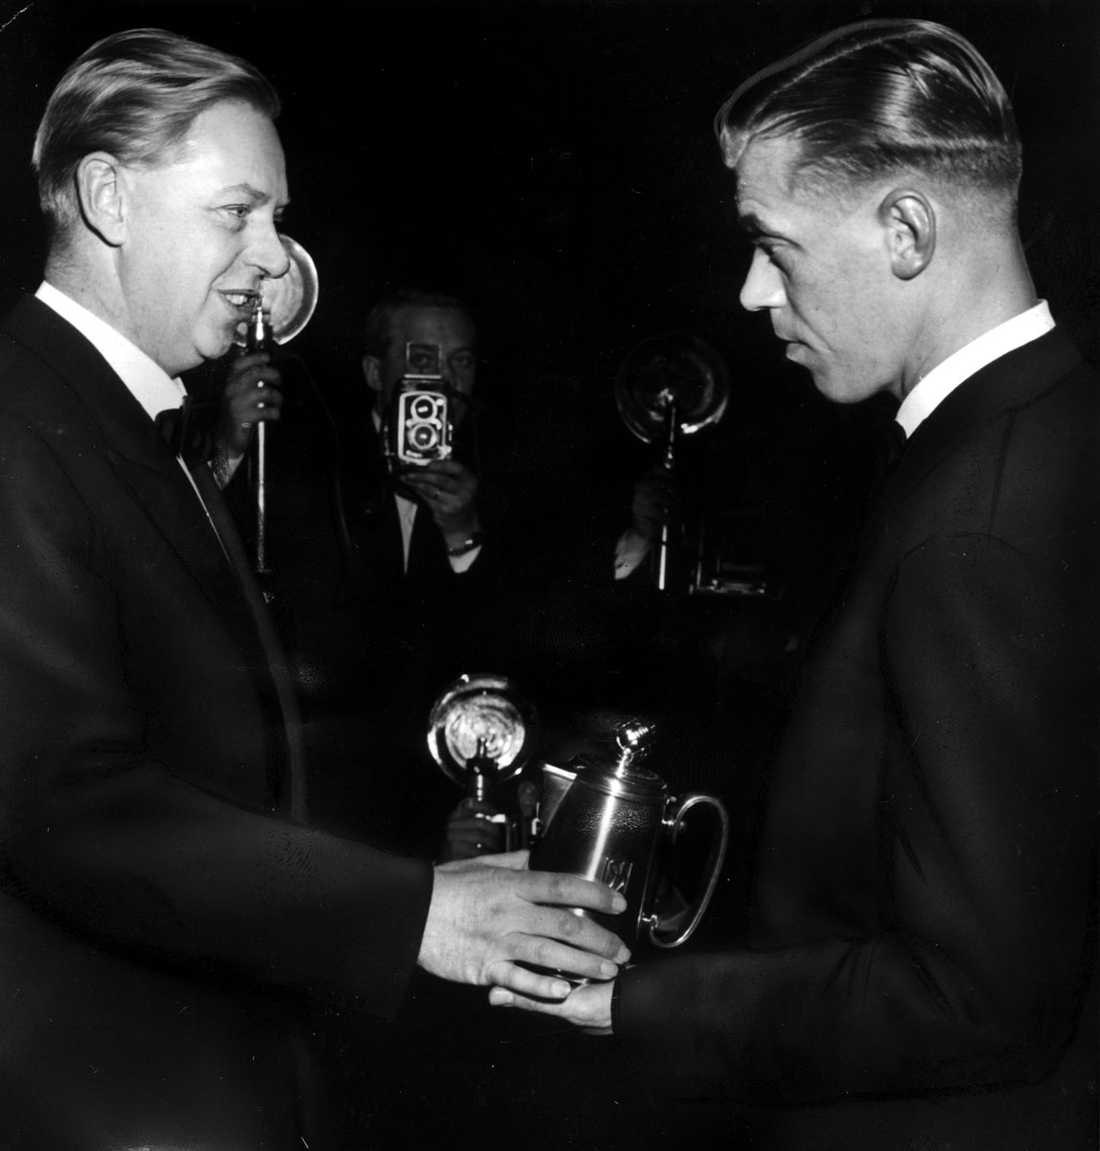 1951: Olle Åhlund, Degerfors